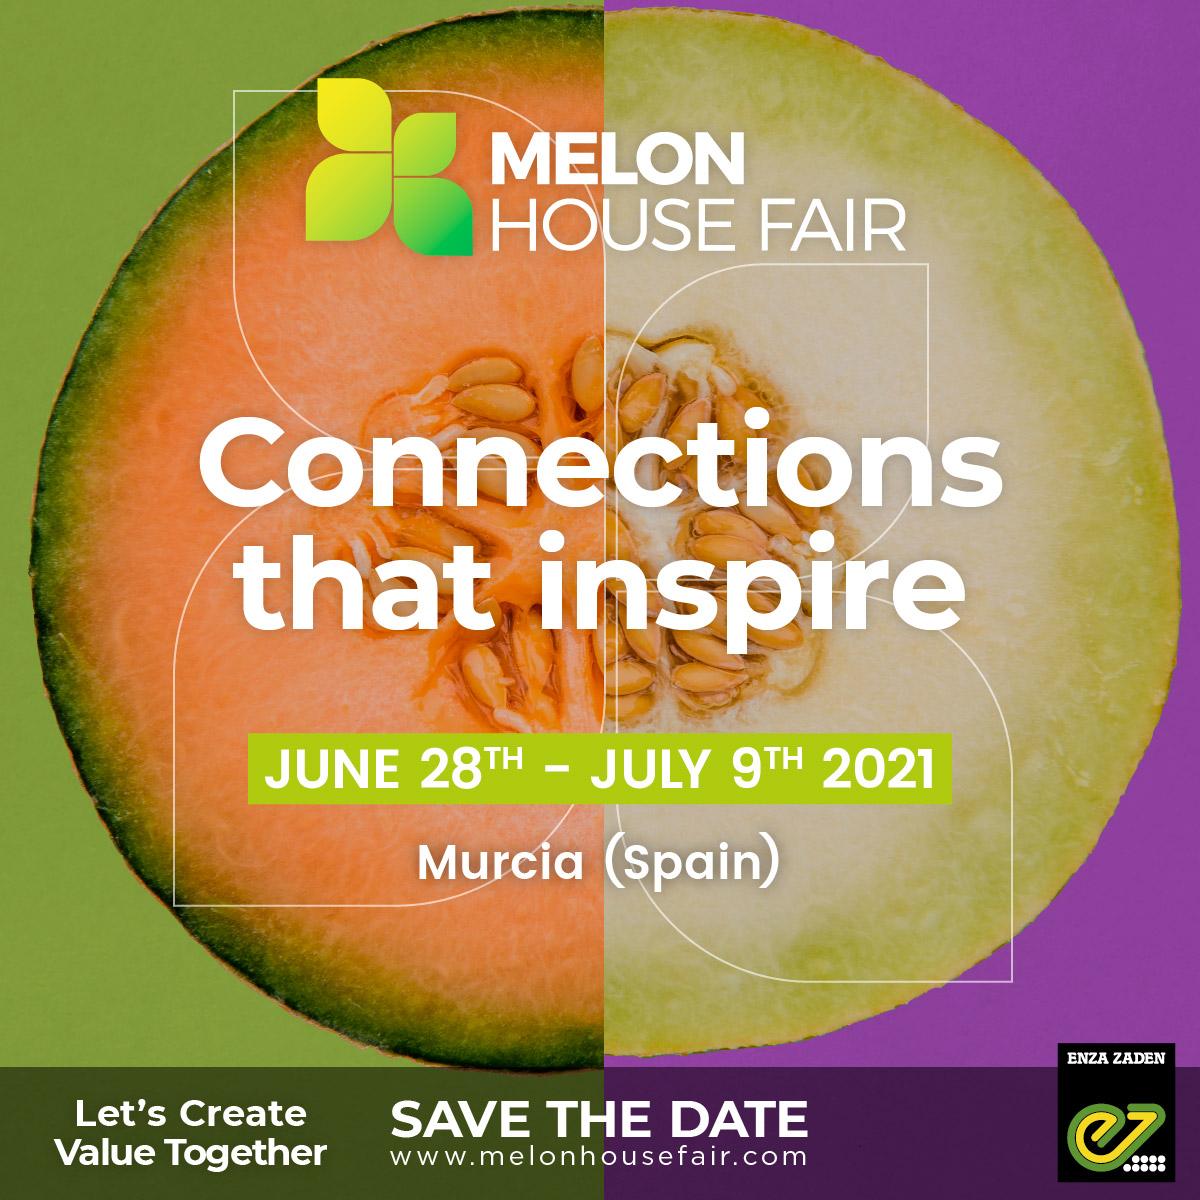 ¡La nueva edición de Melon House Fair 2021 by Enza Zaden ya está aquí!